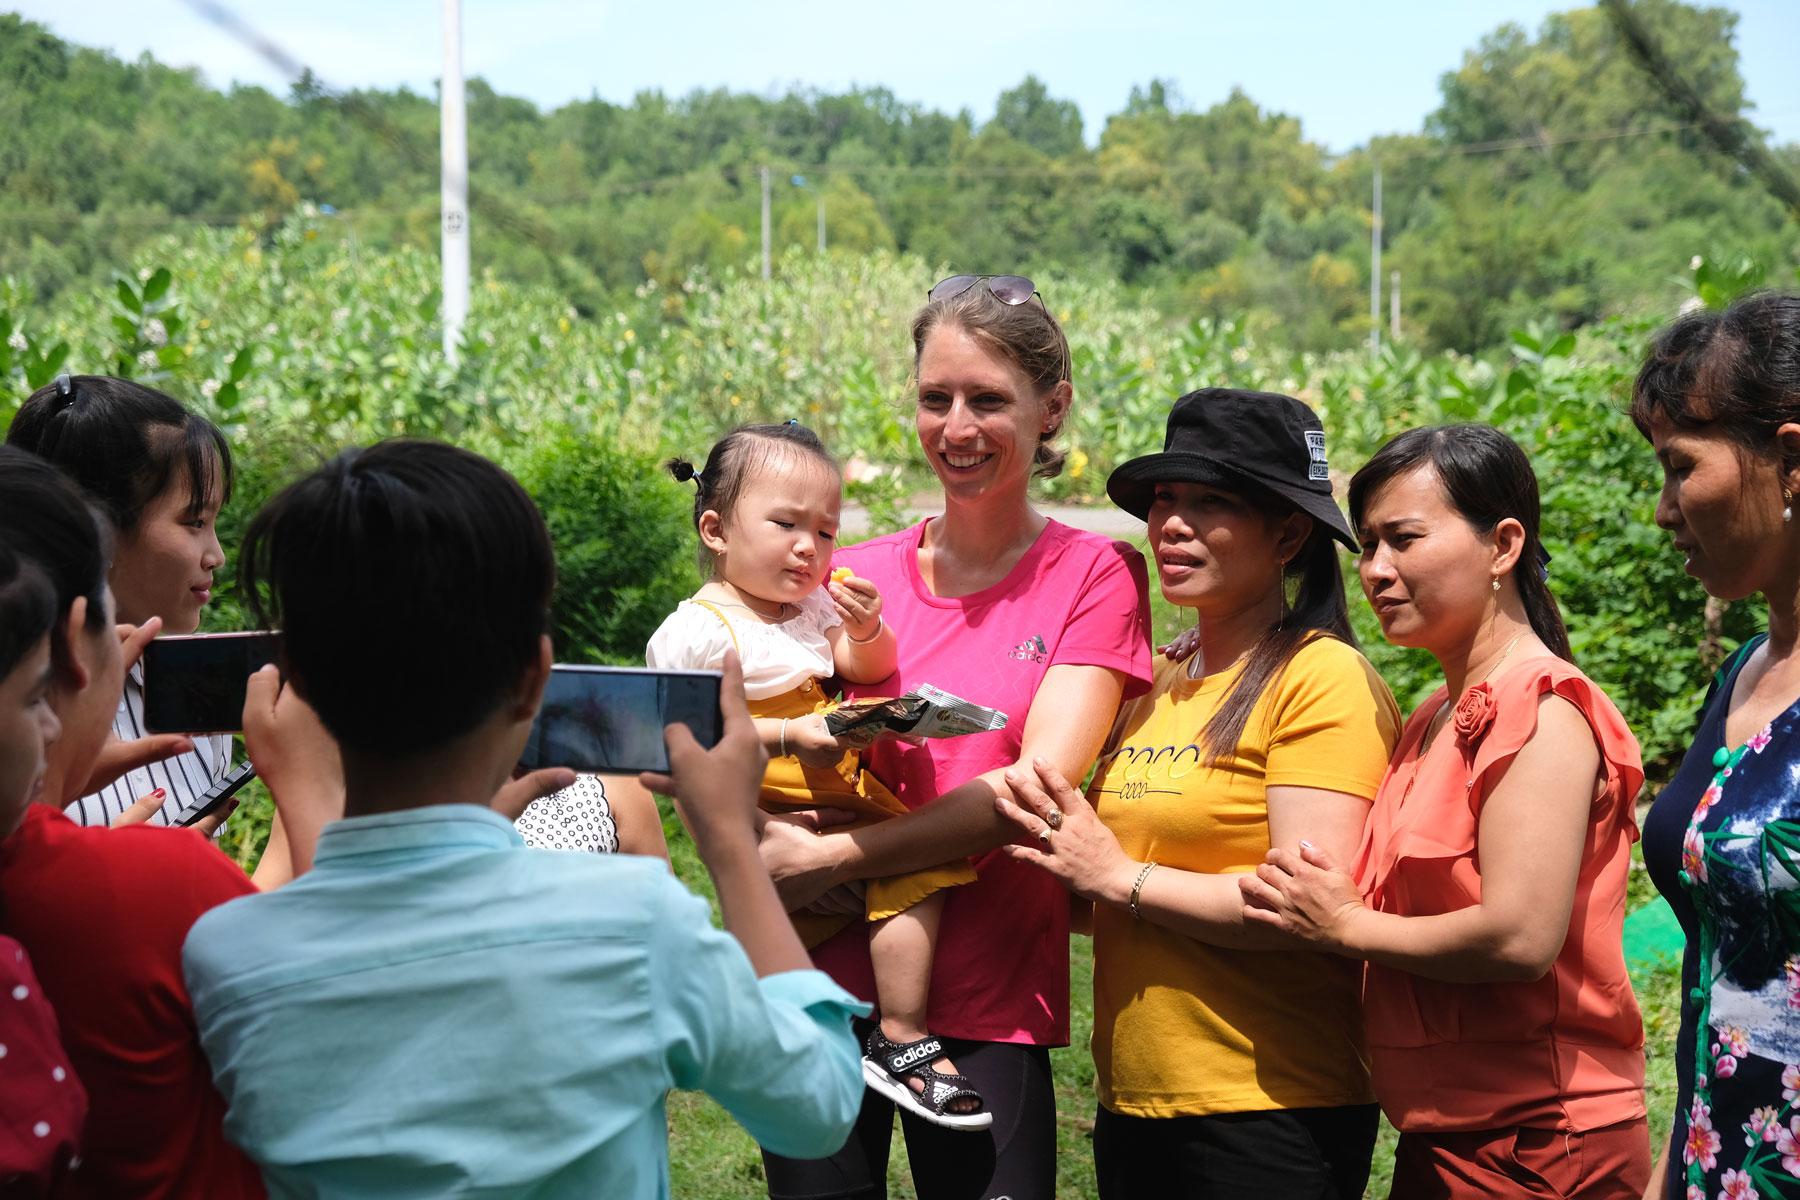 Leo wird mit einem Kleinkind und zwei vietnamesischen Frauen fotografiert.